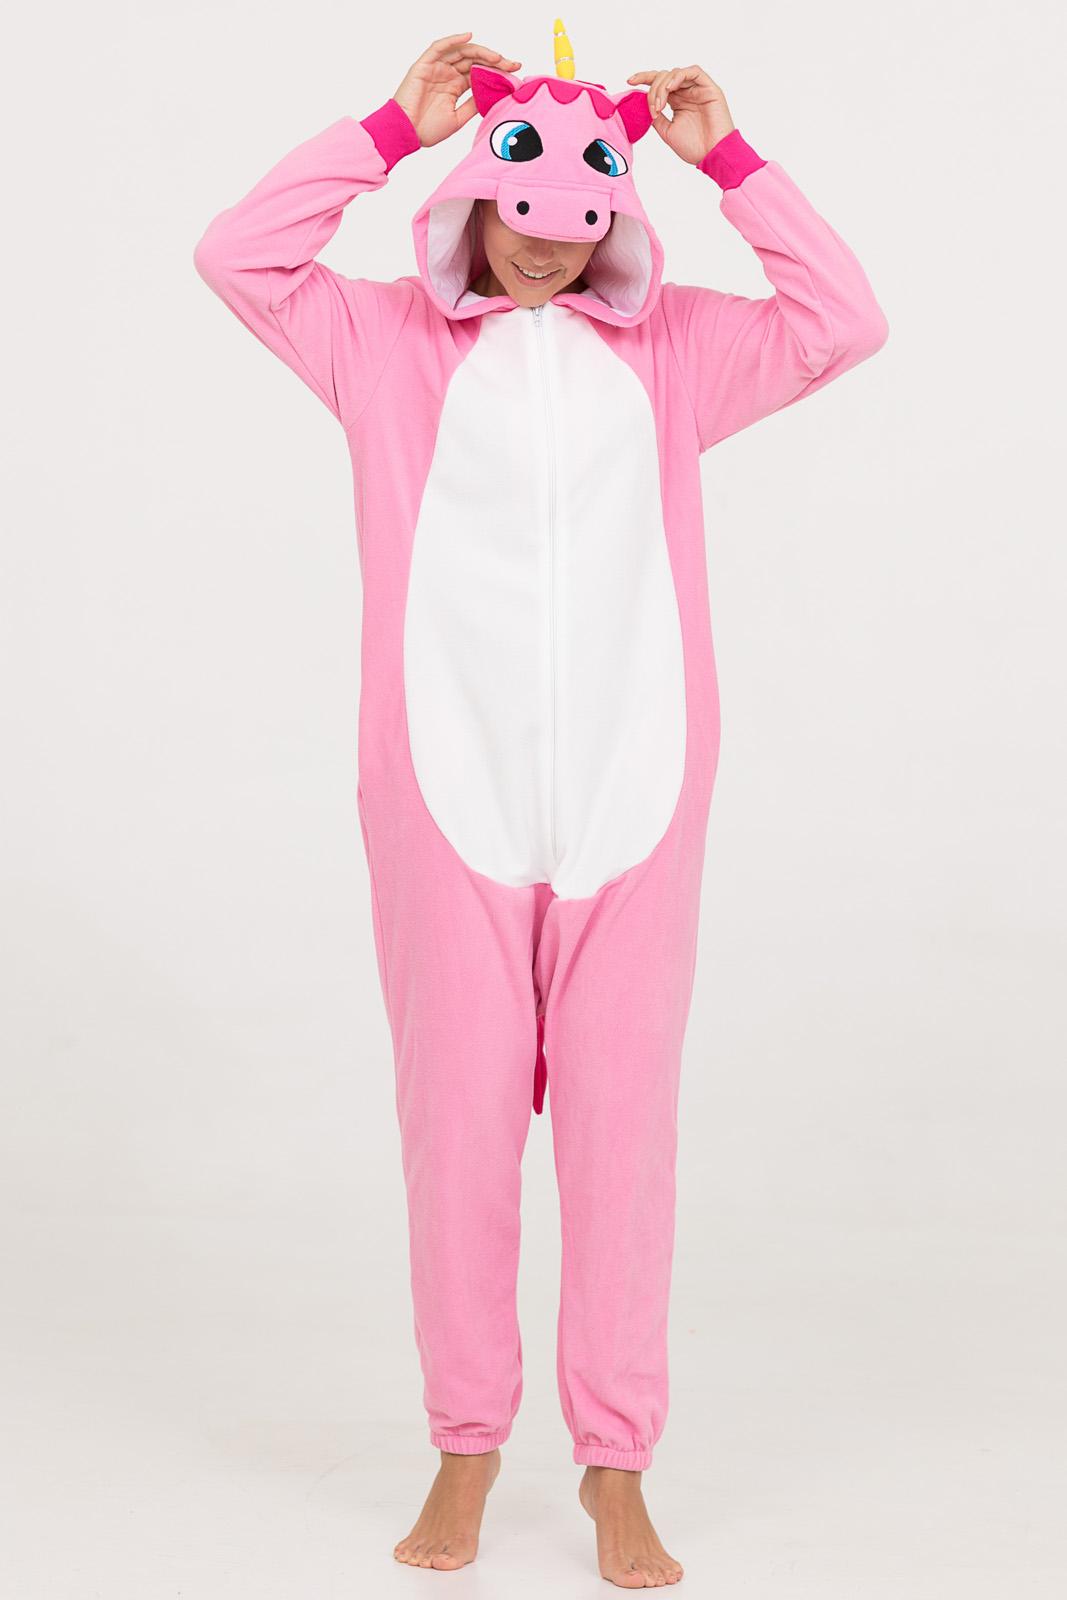 Пижама-кигуруми Розовый Единорог (46-48) фото